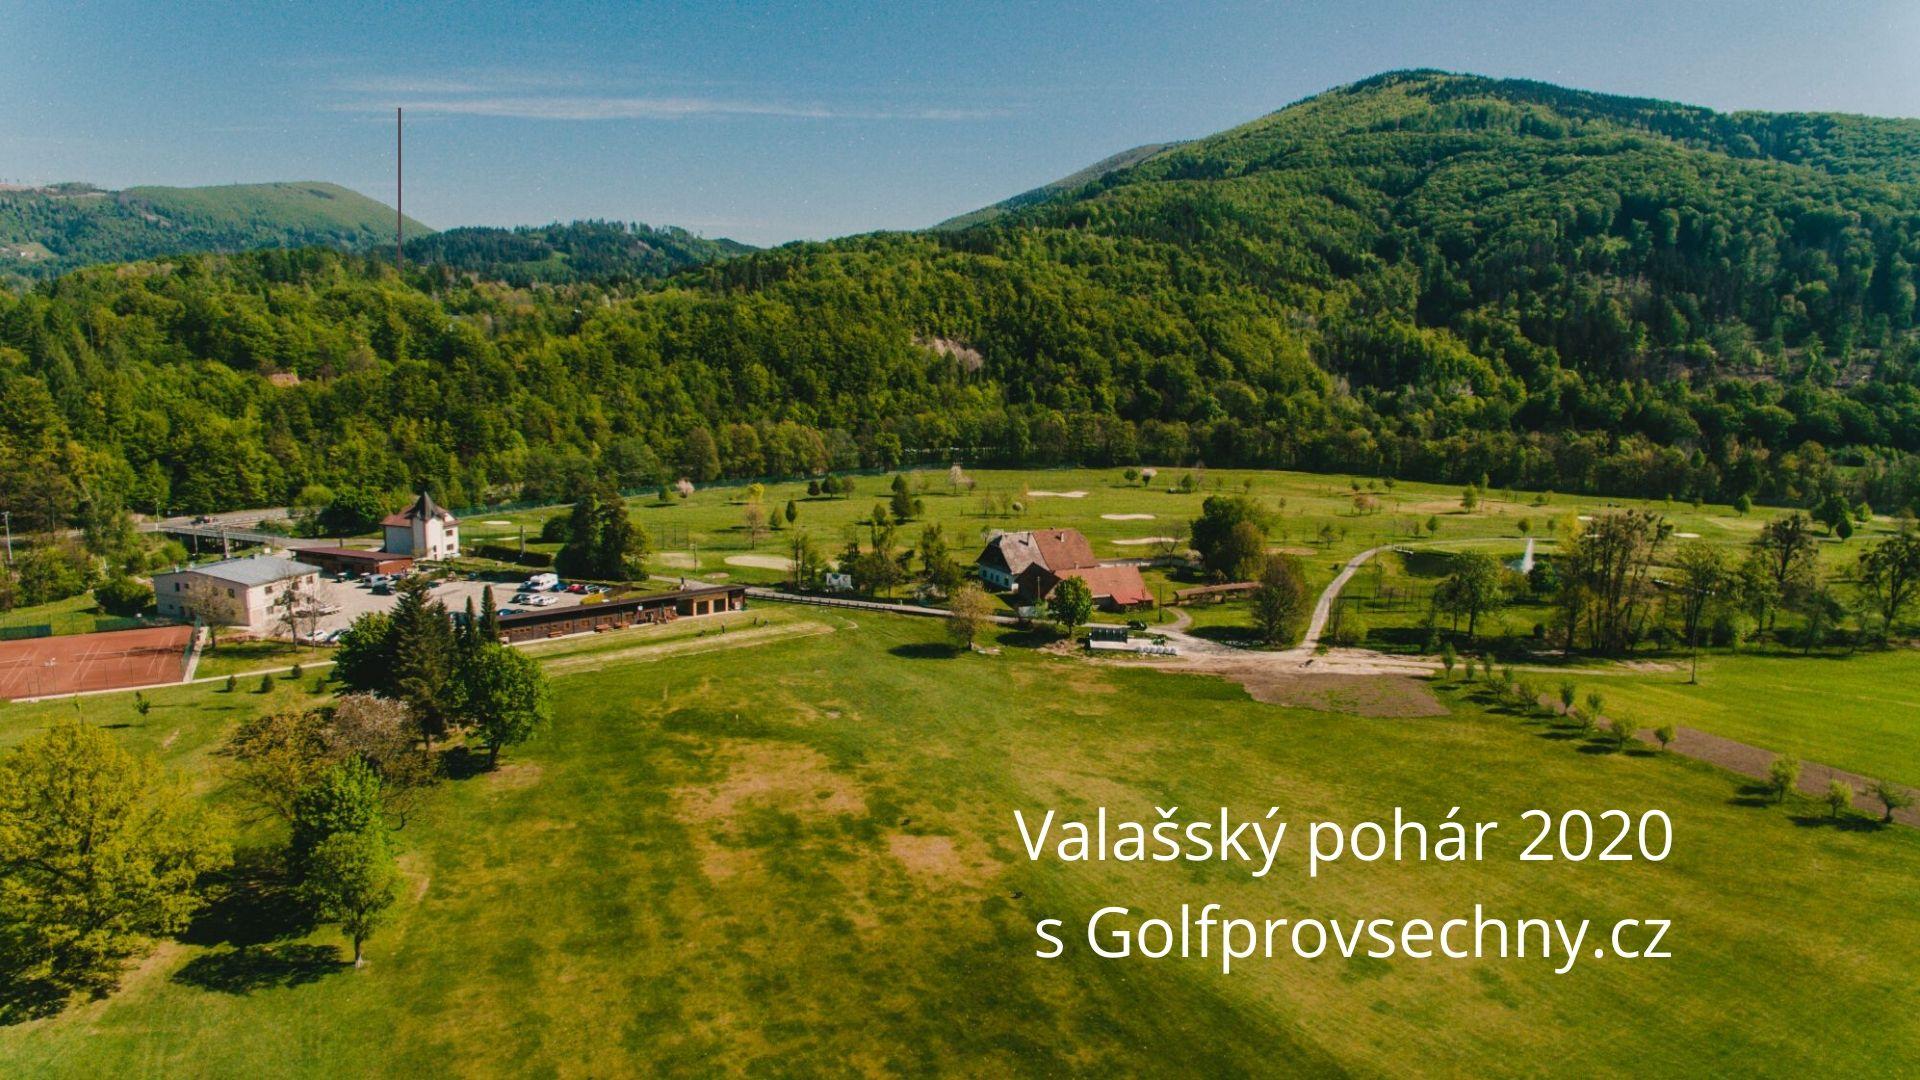 Valašský pohár č.3 s Golfprovsechny.cz